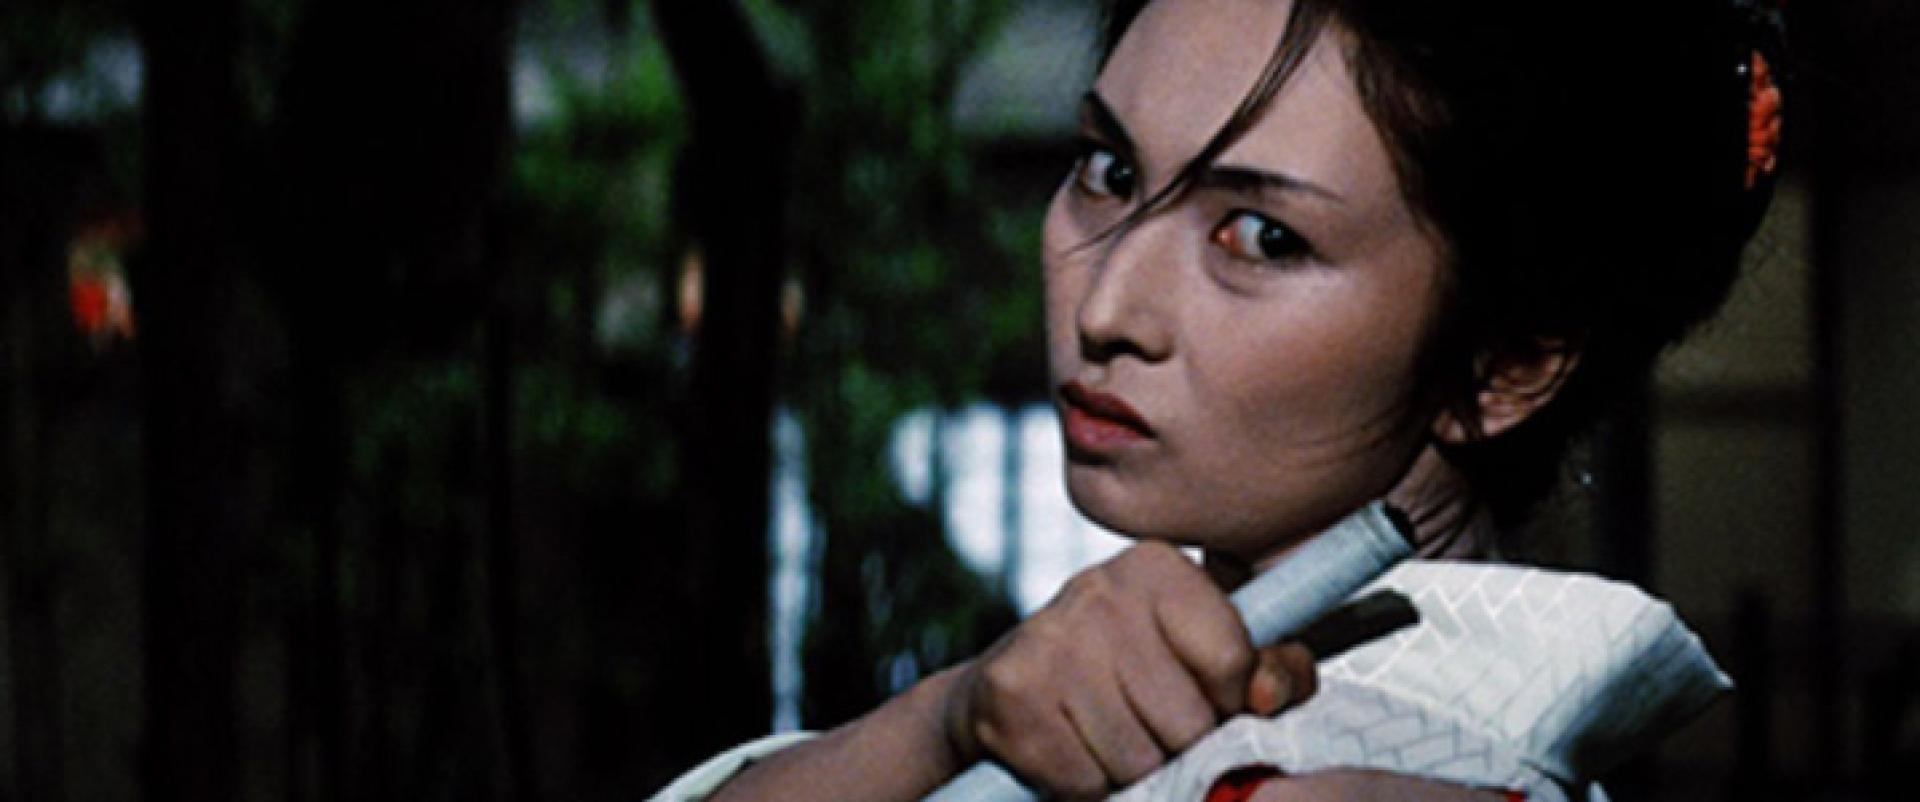 Shurayukihime - Lady Snowblood (1973)